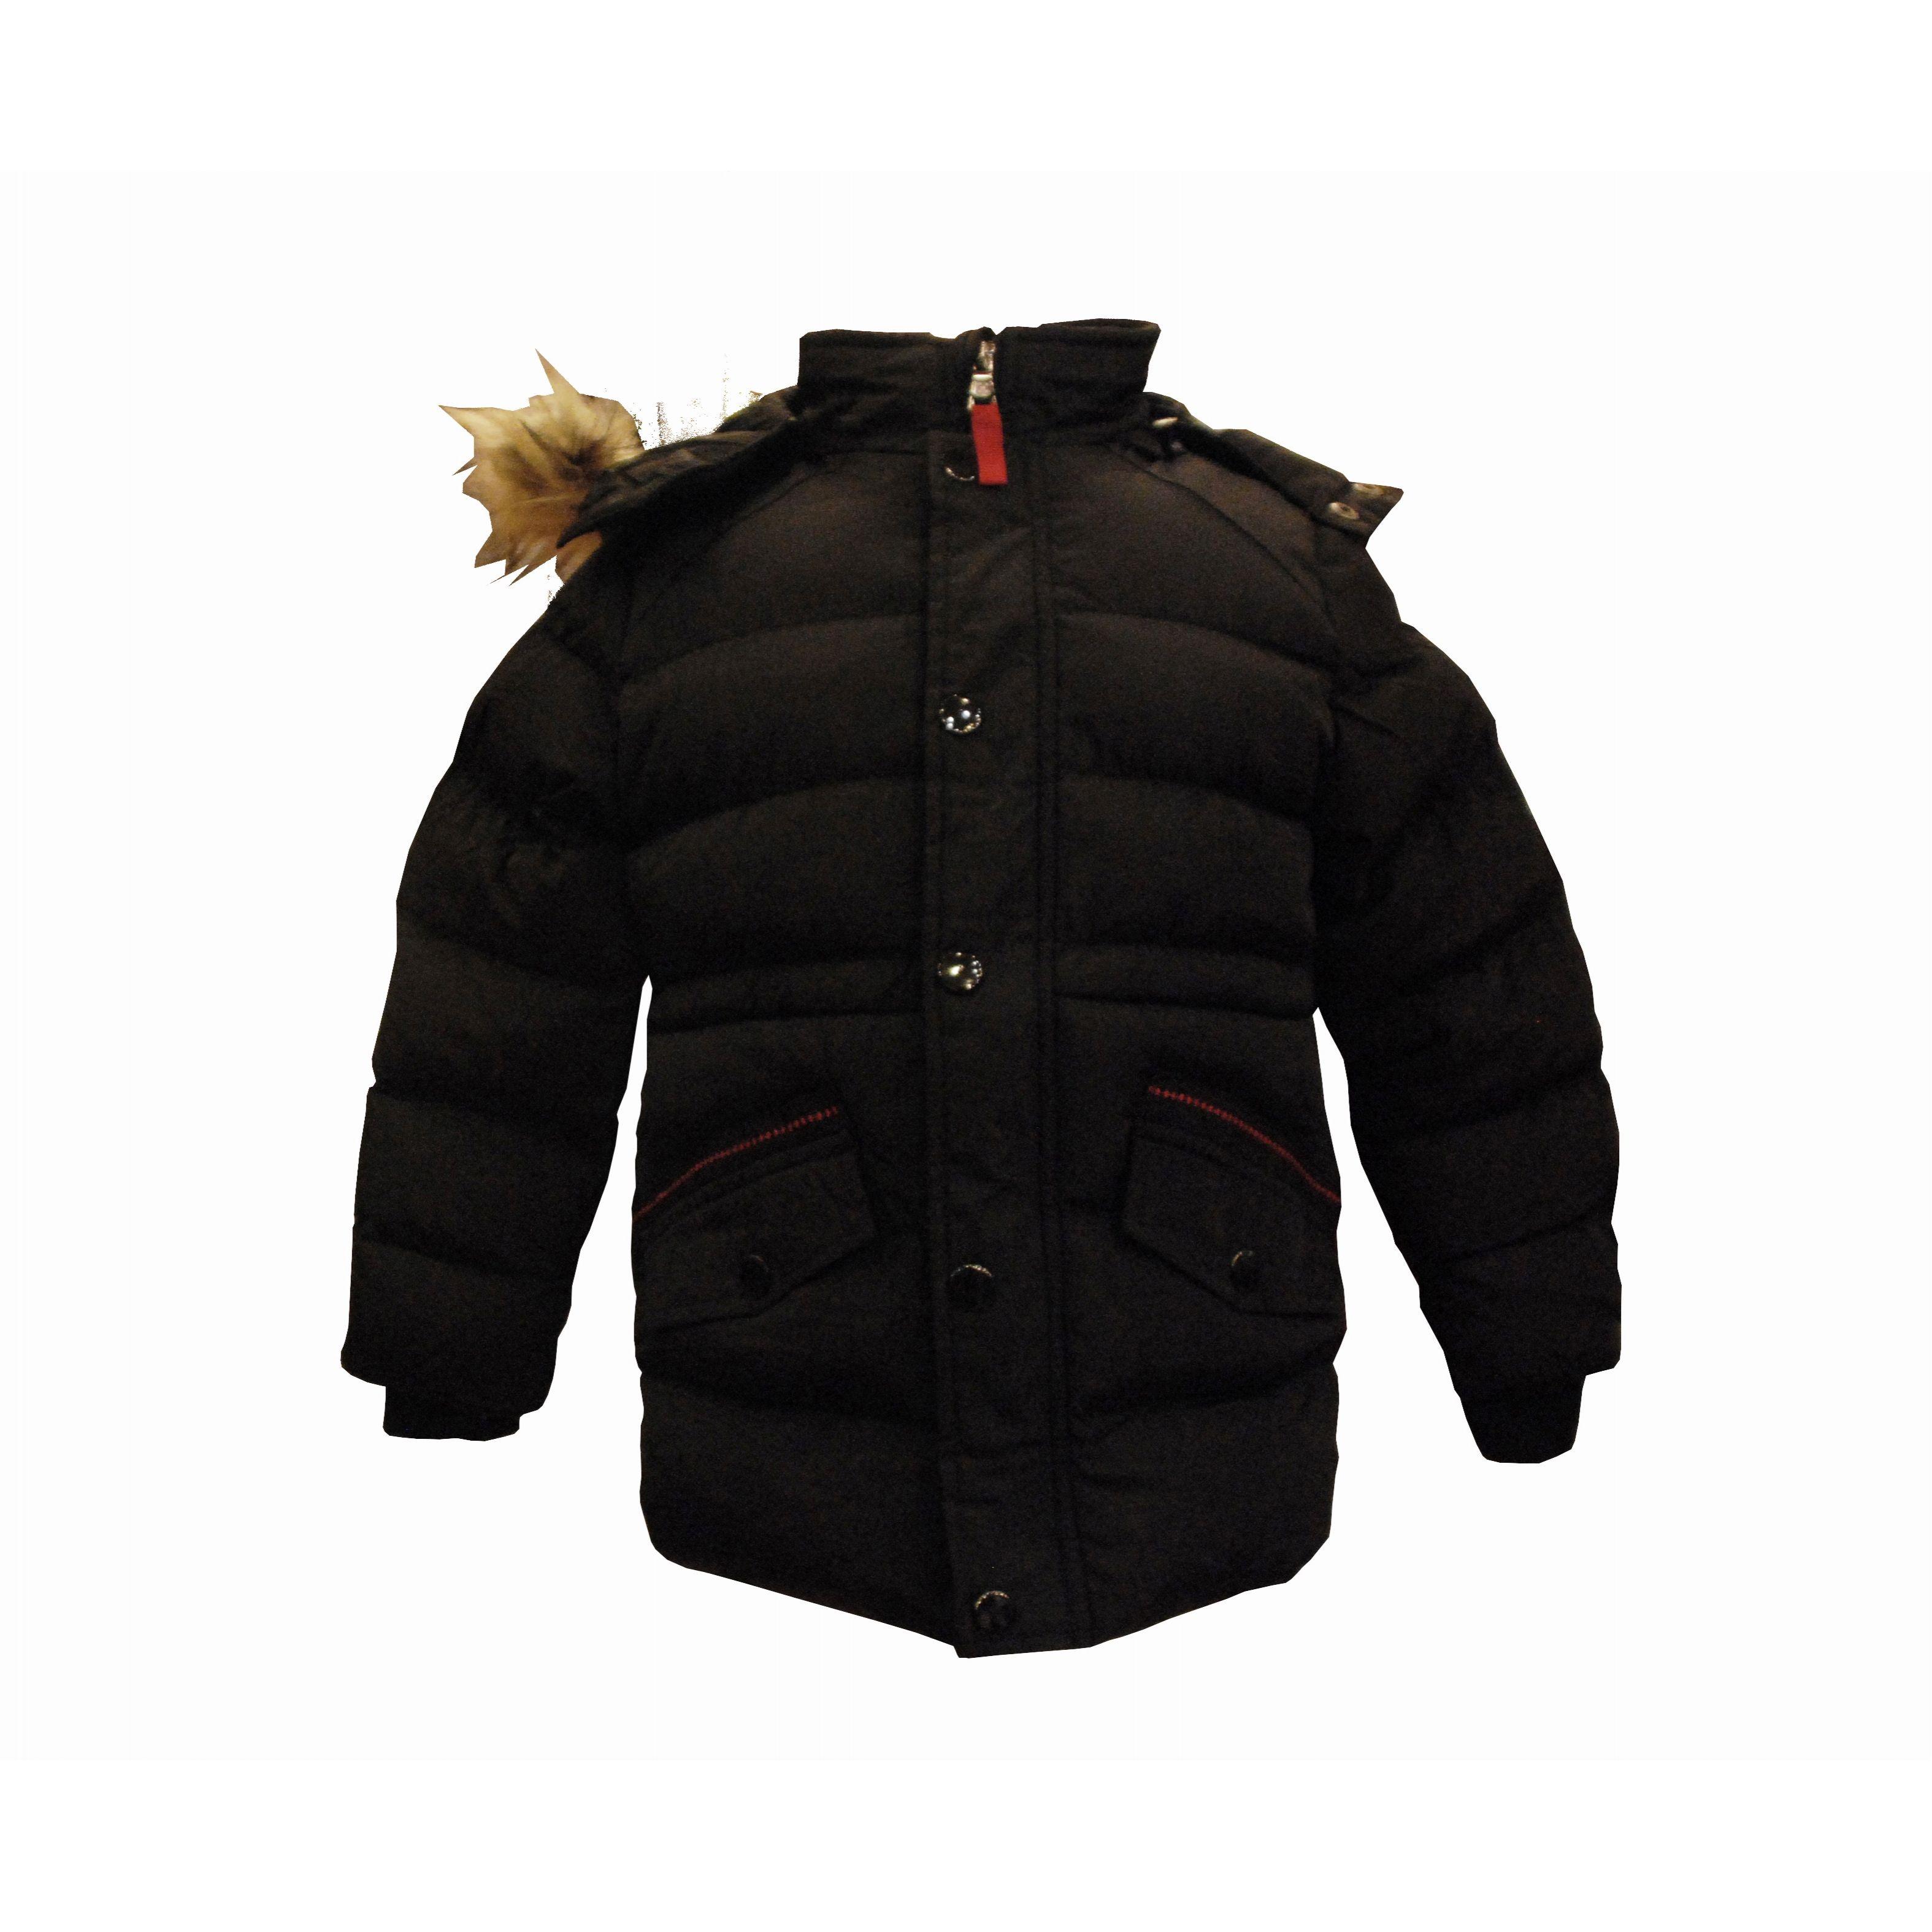 Παιδικά ρούχα - Μπουφαν αγόρι Ativo Μαύρο for only 30.00 !!! 1200ecae3c3